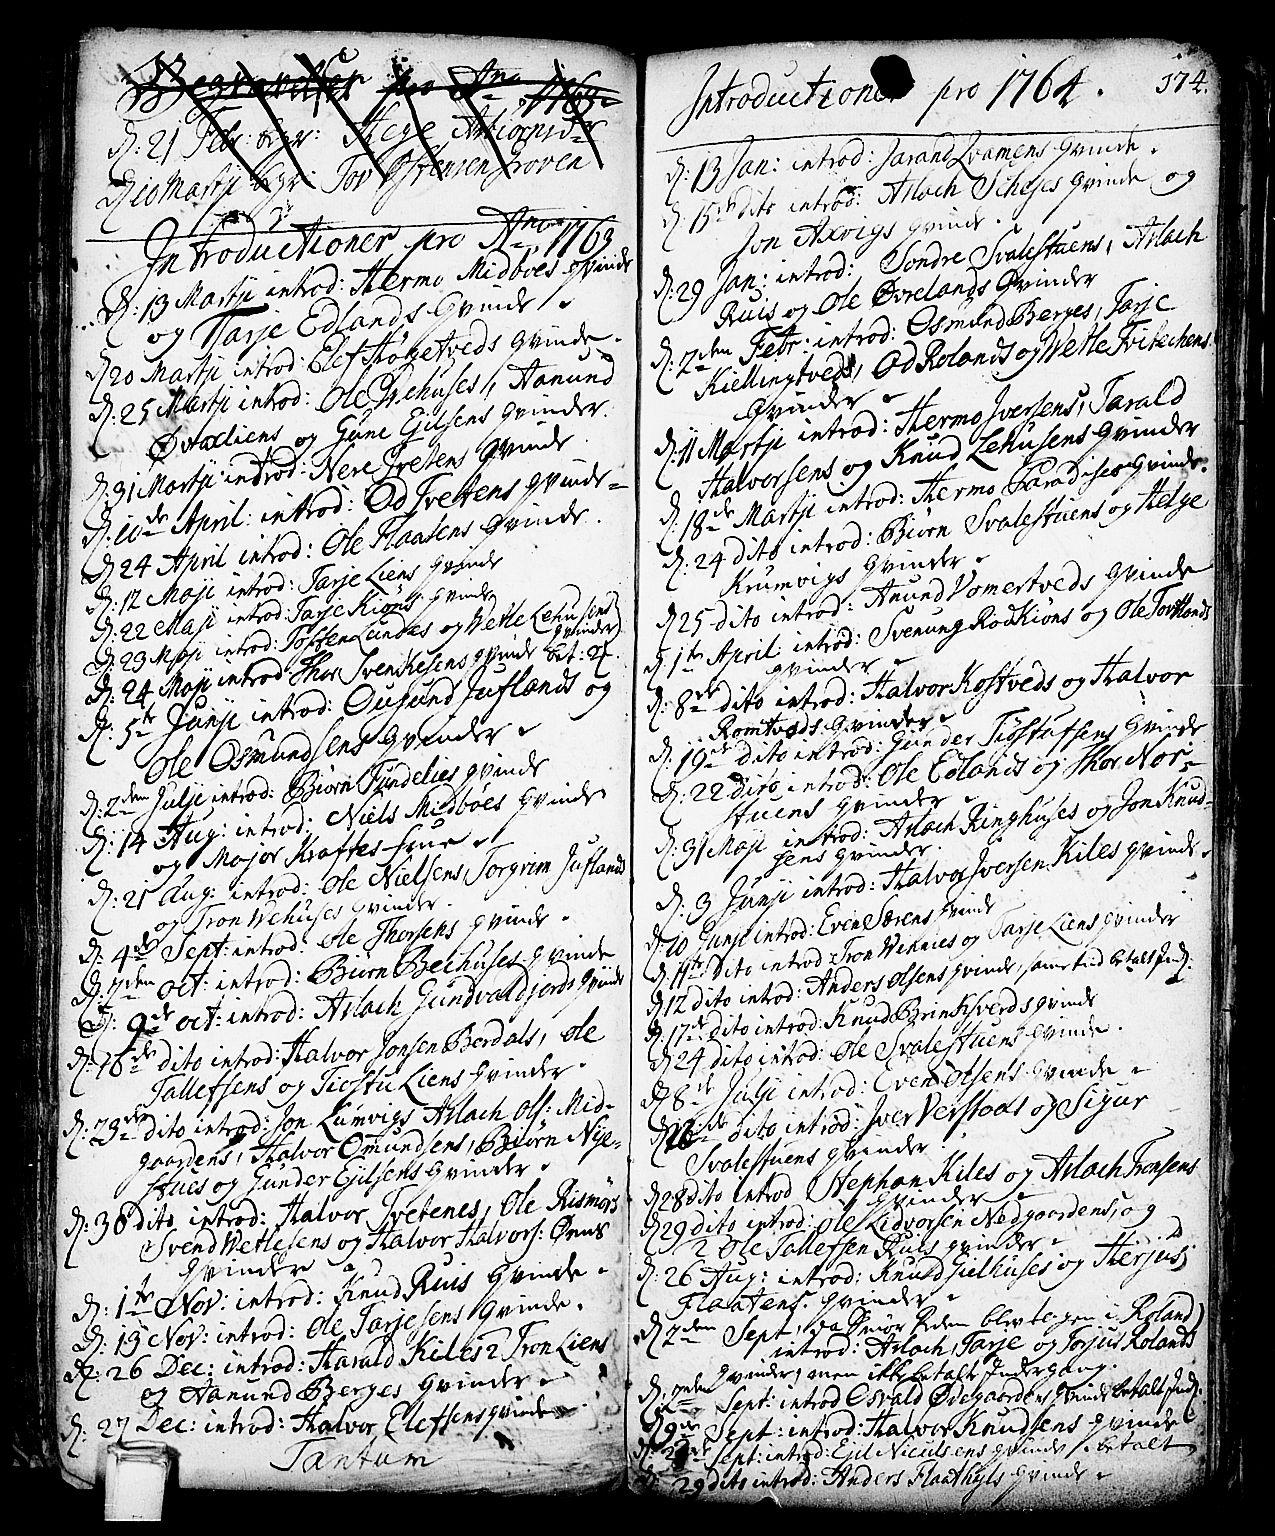 SAKO, Vinje kirkebøker, F/Fa/L0001: Ministerialbok nr. I 1, 1717-1766, s. 174